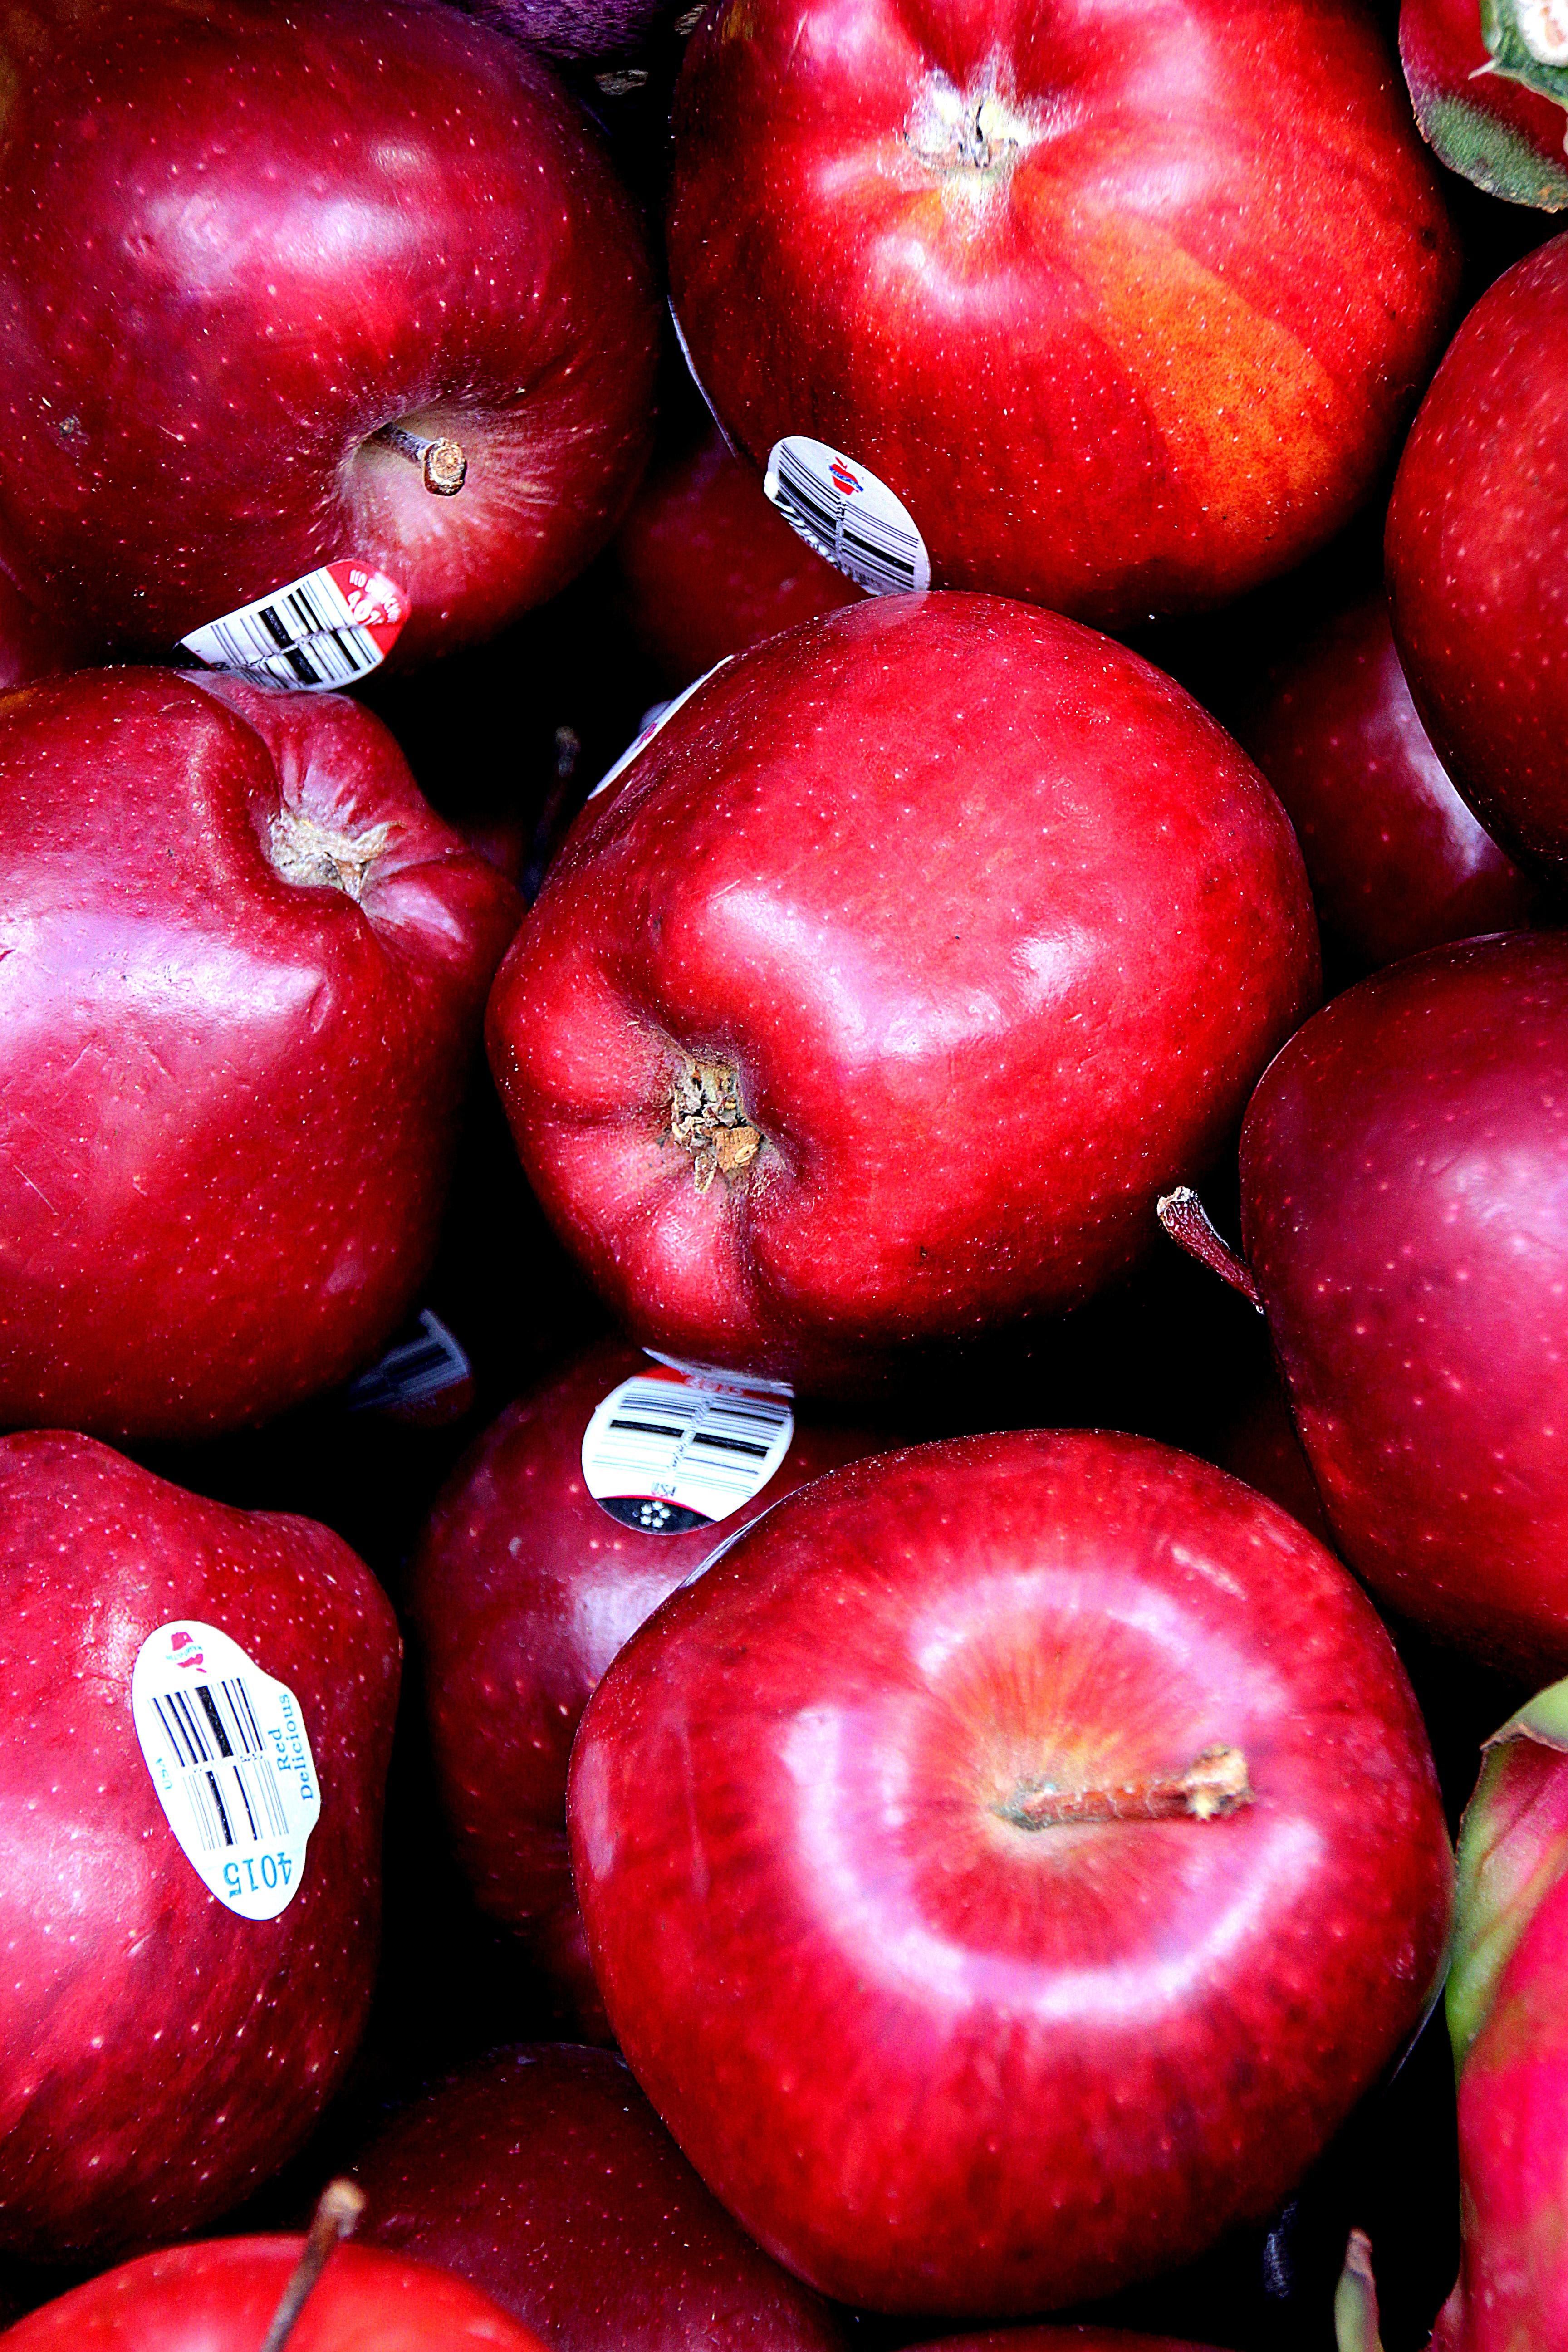 Fotoğraf Elma Meyve Gıda Kırmızı Mutfak üretmek Renkli